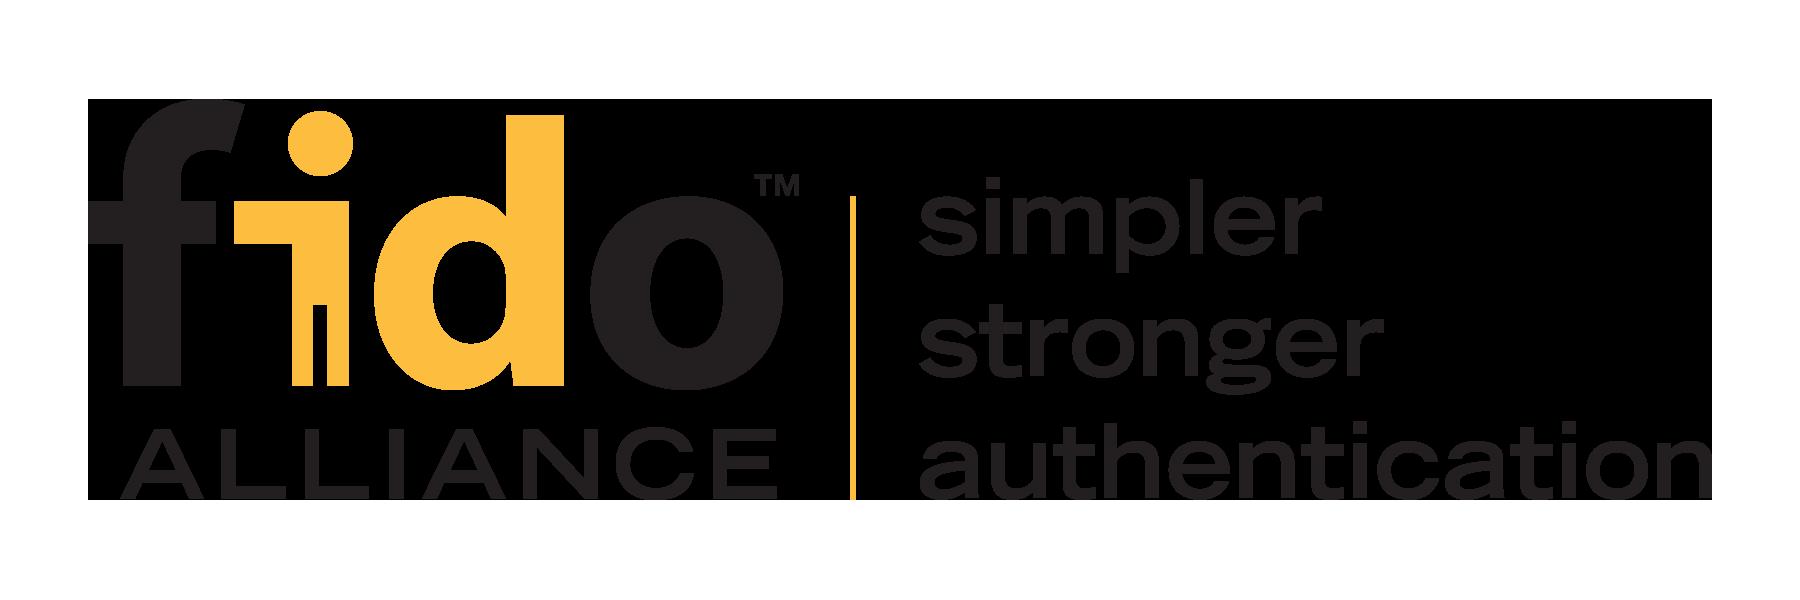 FIDO2 Logo